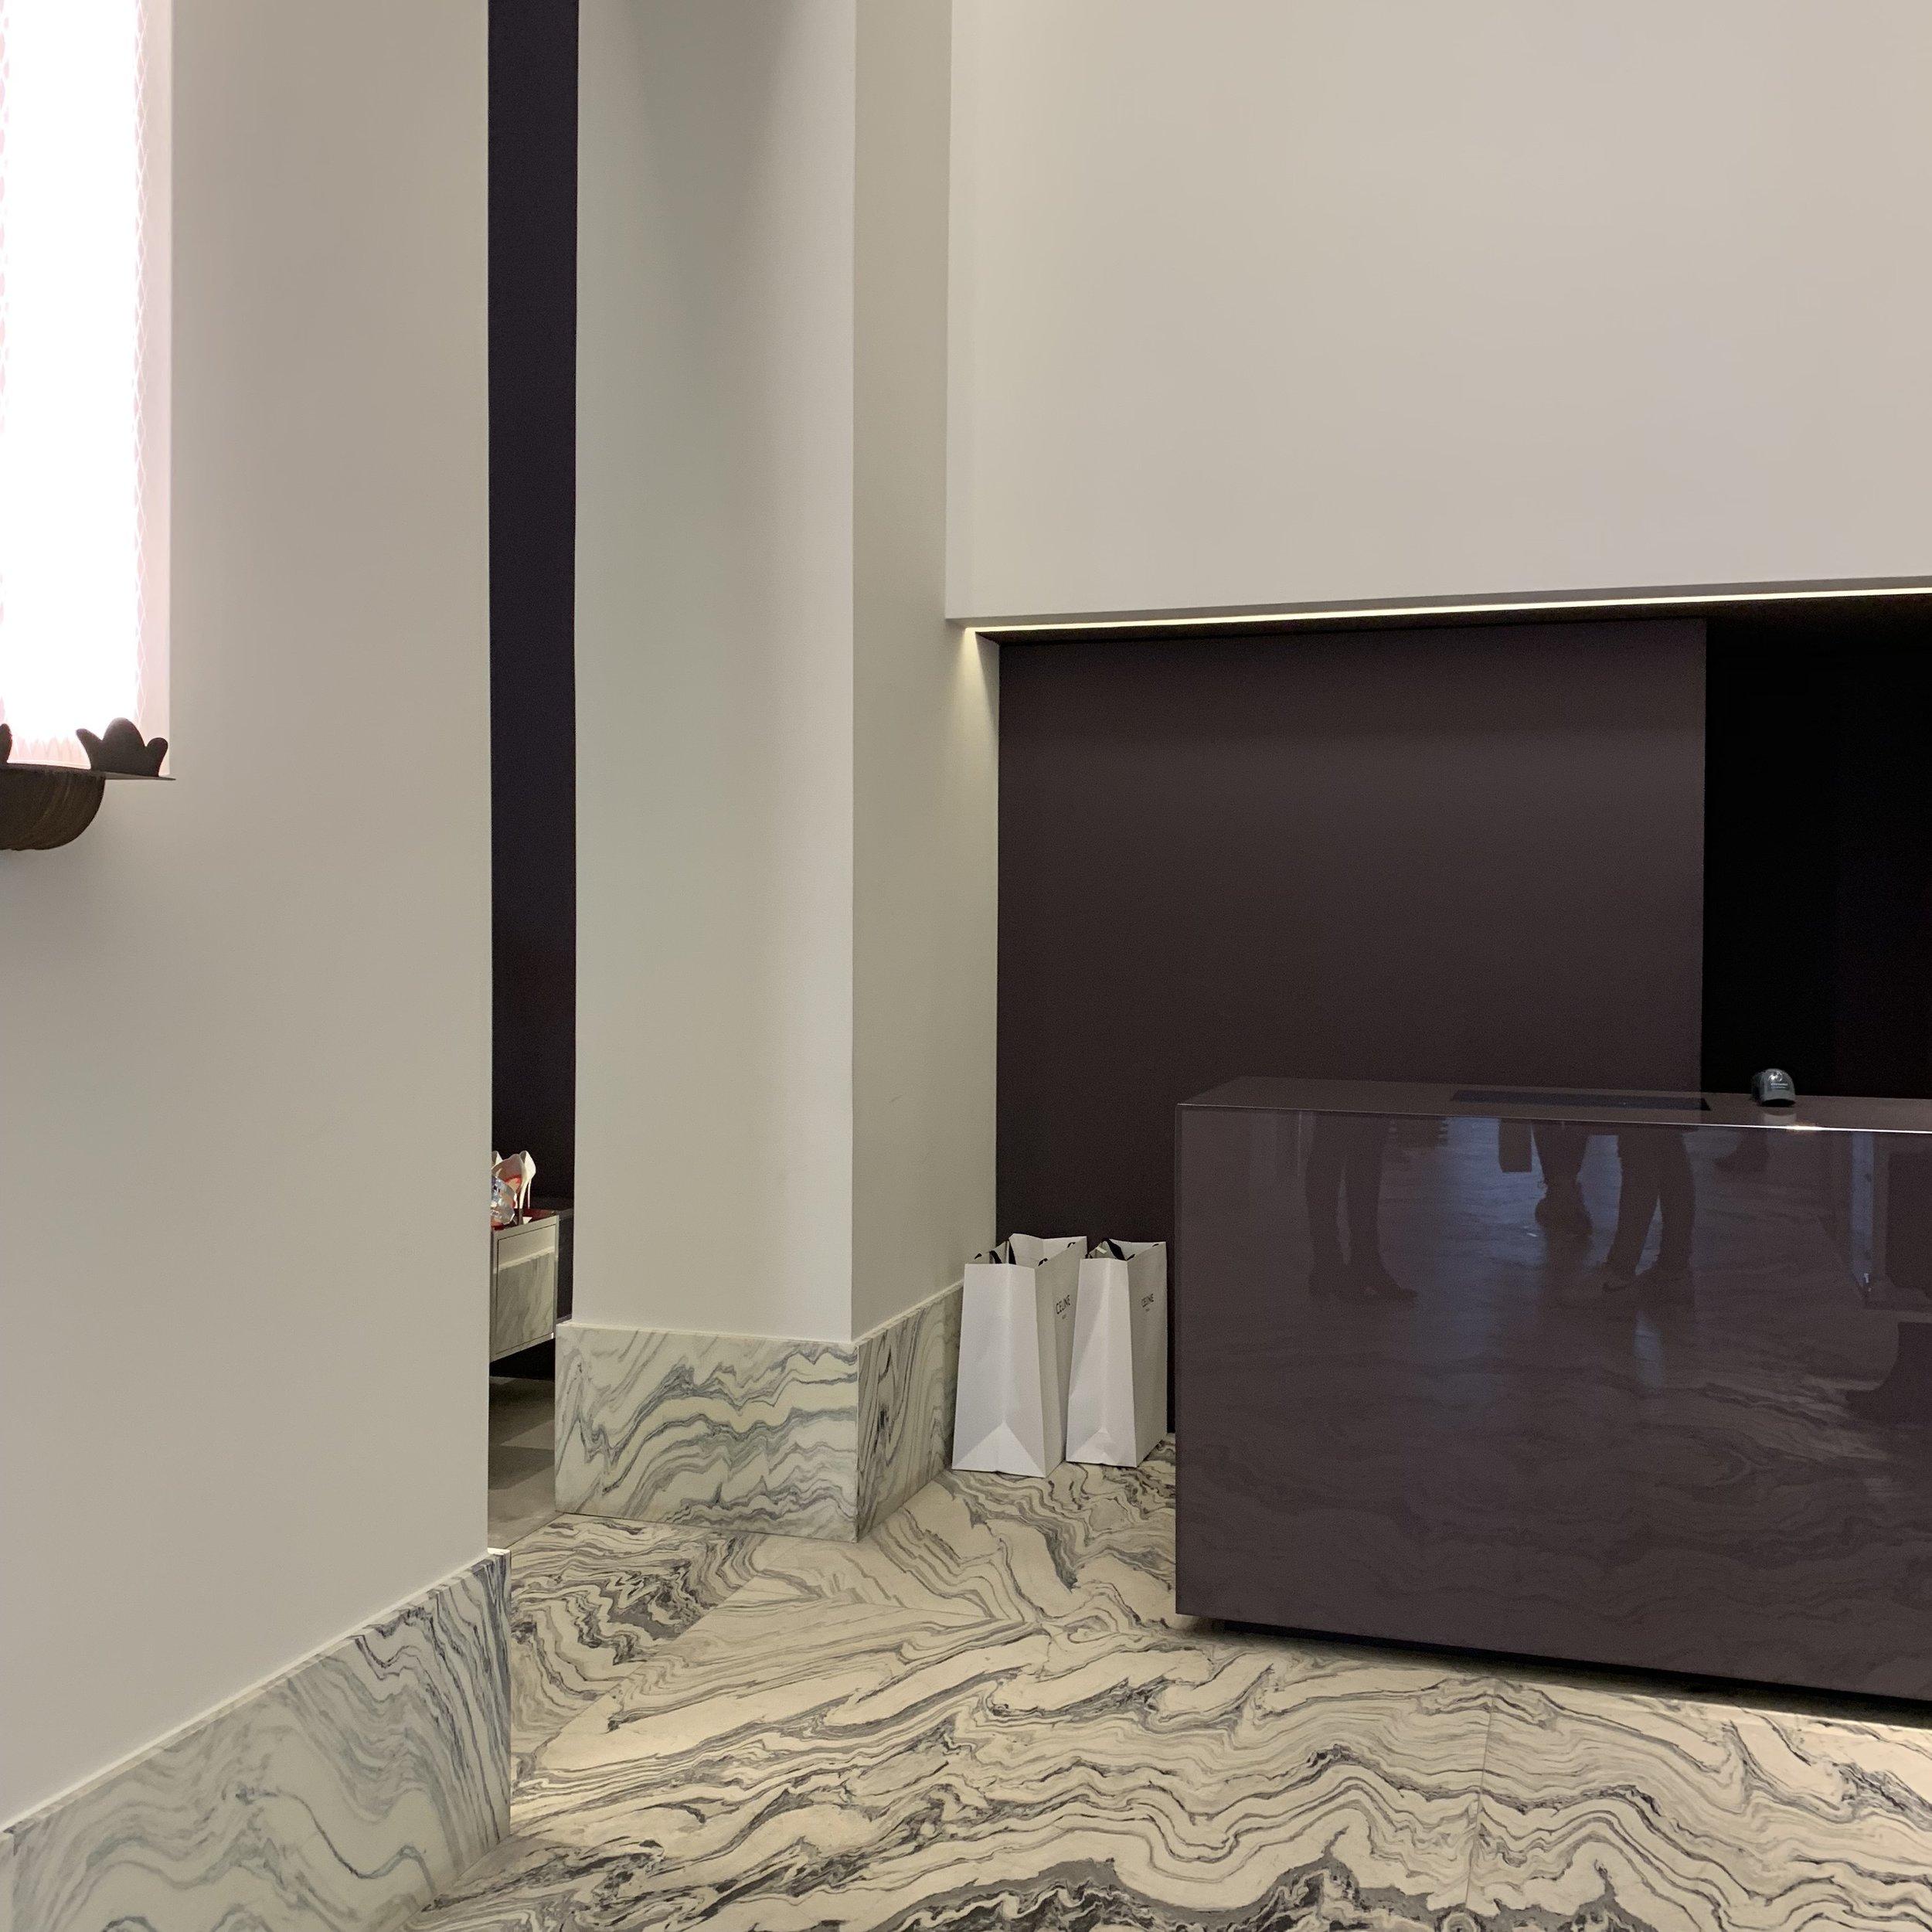 050 Salone del Mobile 2019 Lex de gooijer interiors rotterdam.JPG